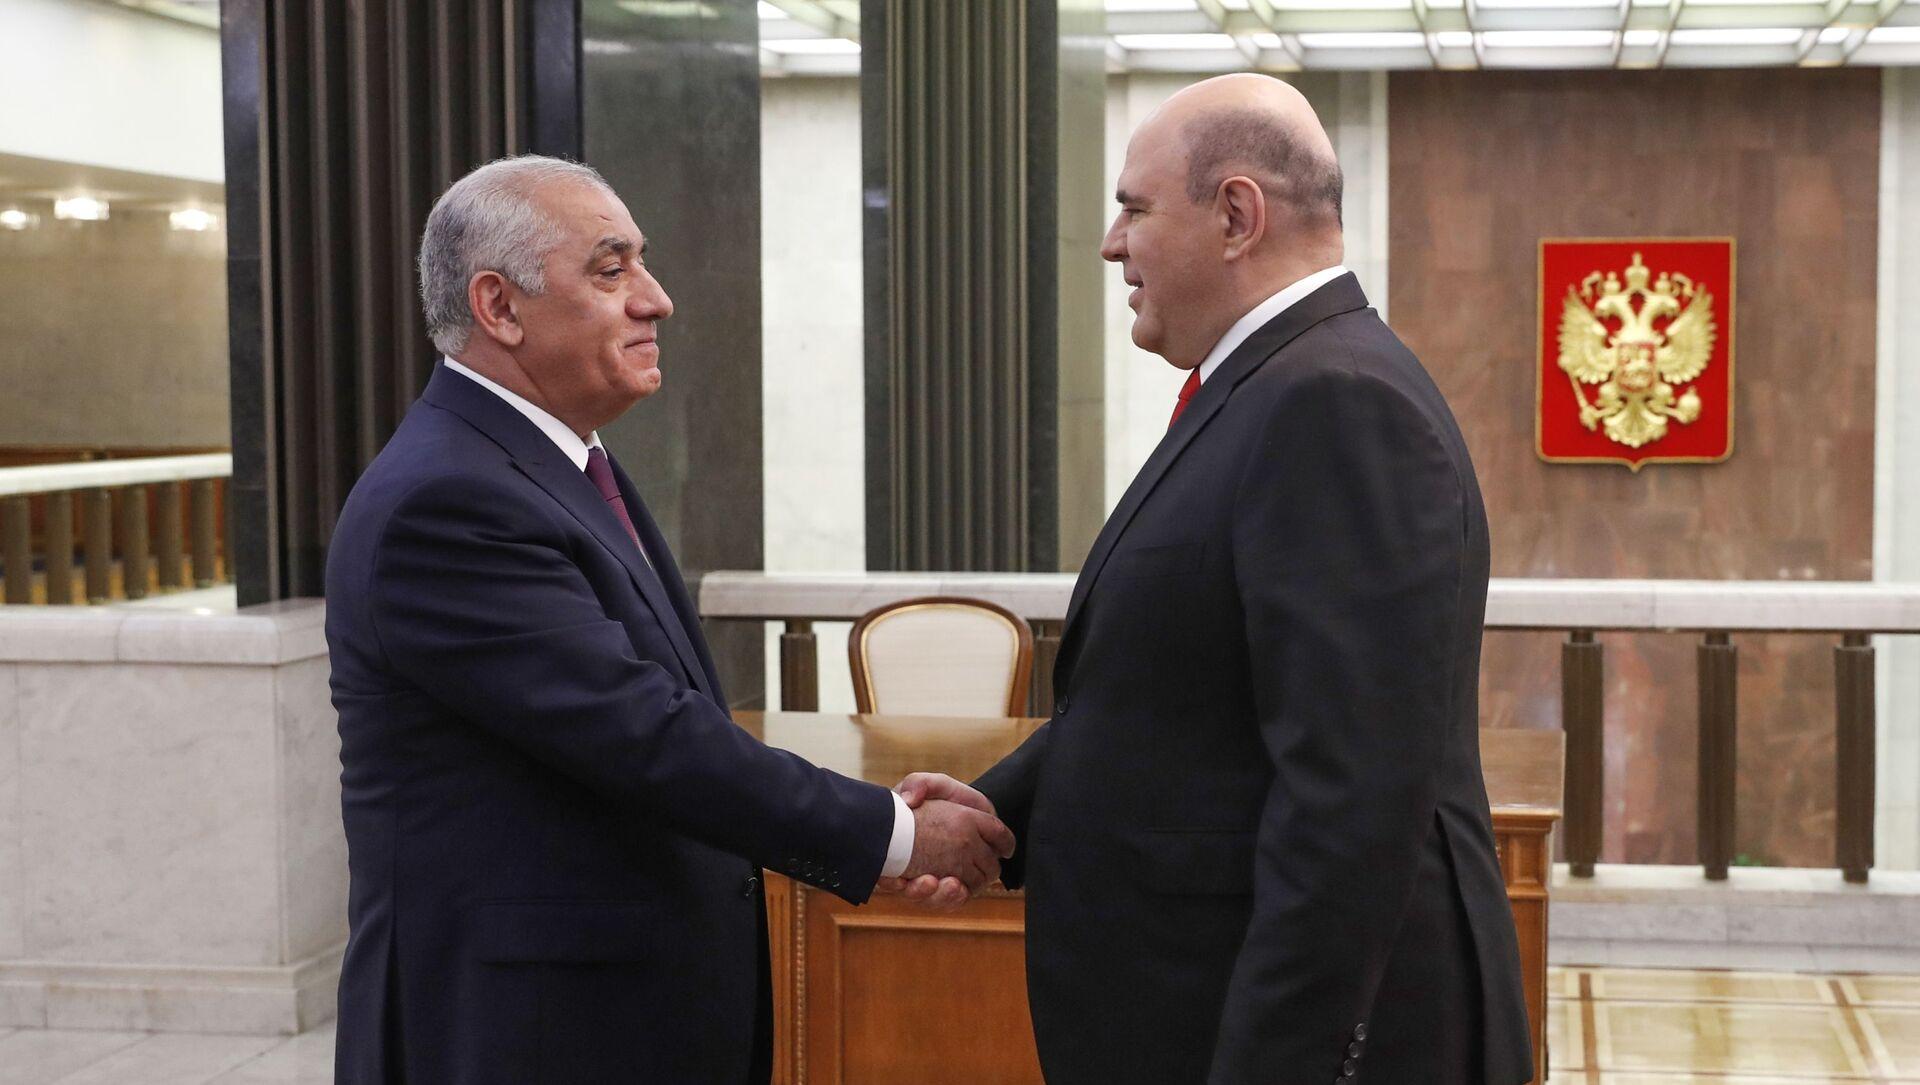 Председатель правительства РФ Михаил Мишустин и премьер-министр Азербайджана Али Асадов (слева) во время встречи, 20 мая 2021 - Sputnik Азербайджан, 1920, 23.05.2021